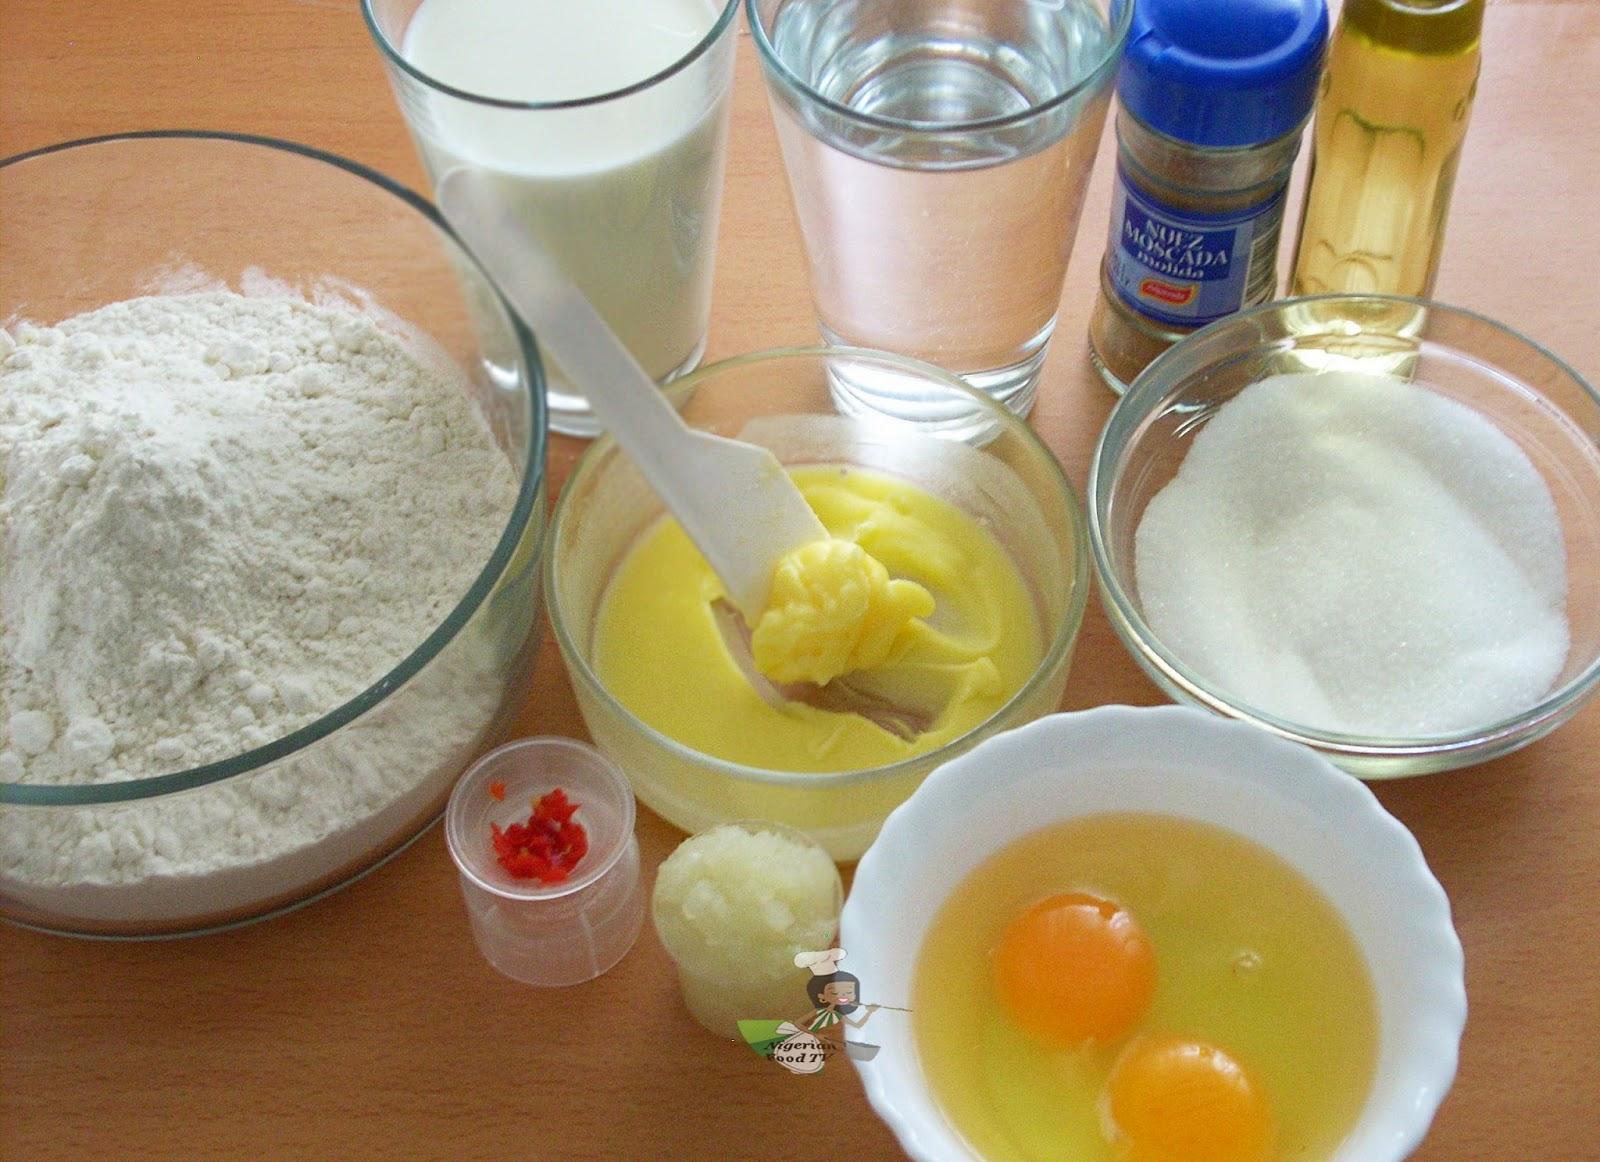 Nigerian Pancake ingredients